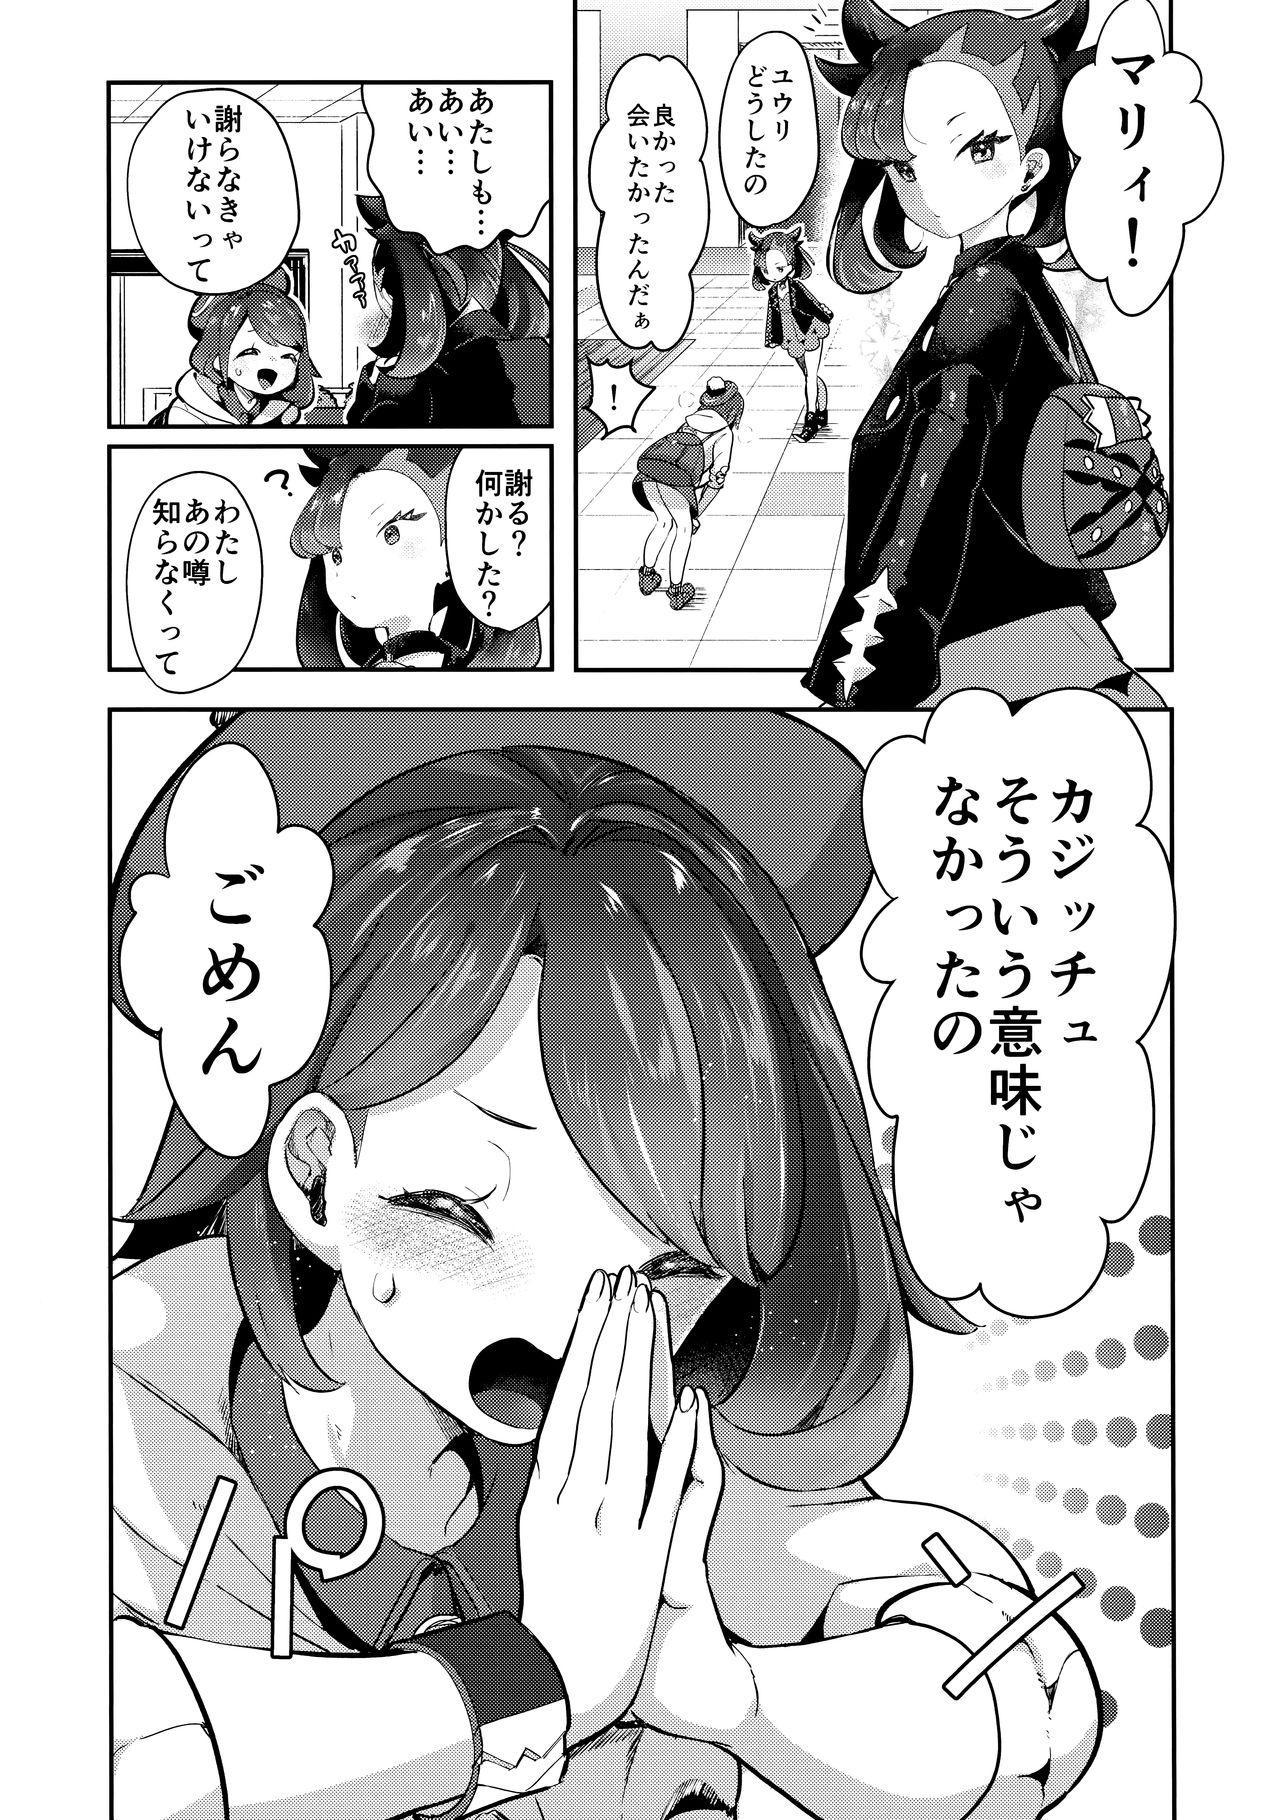 Yuuri wa Marnie ni Suppai Ringo o Hitotsu Agemashita. 8